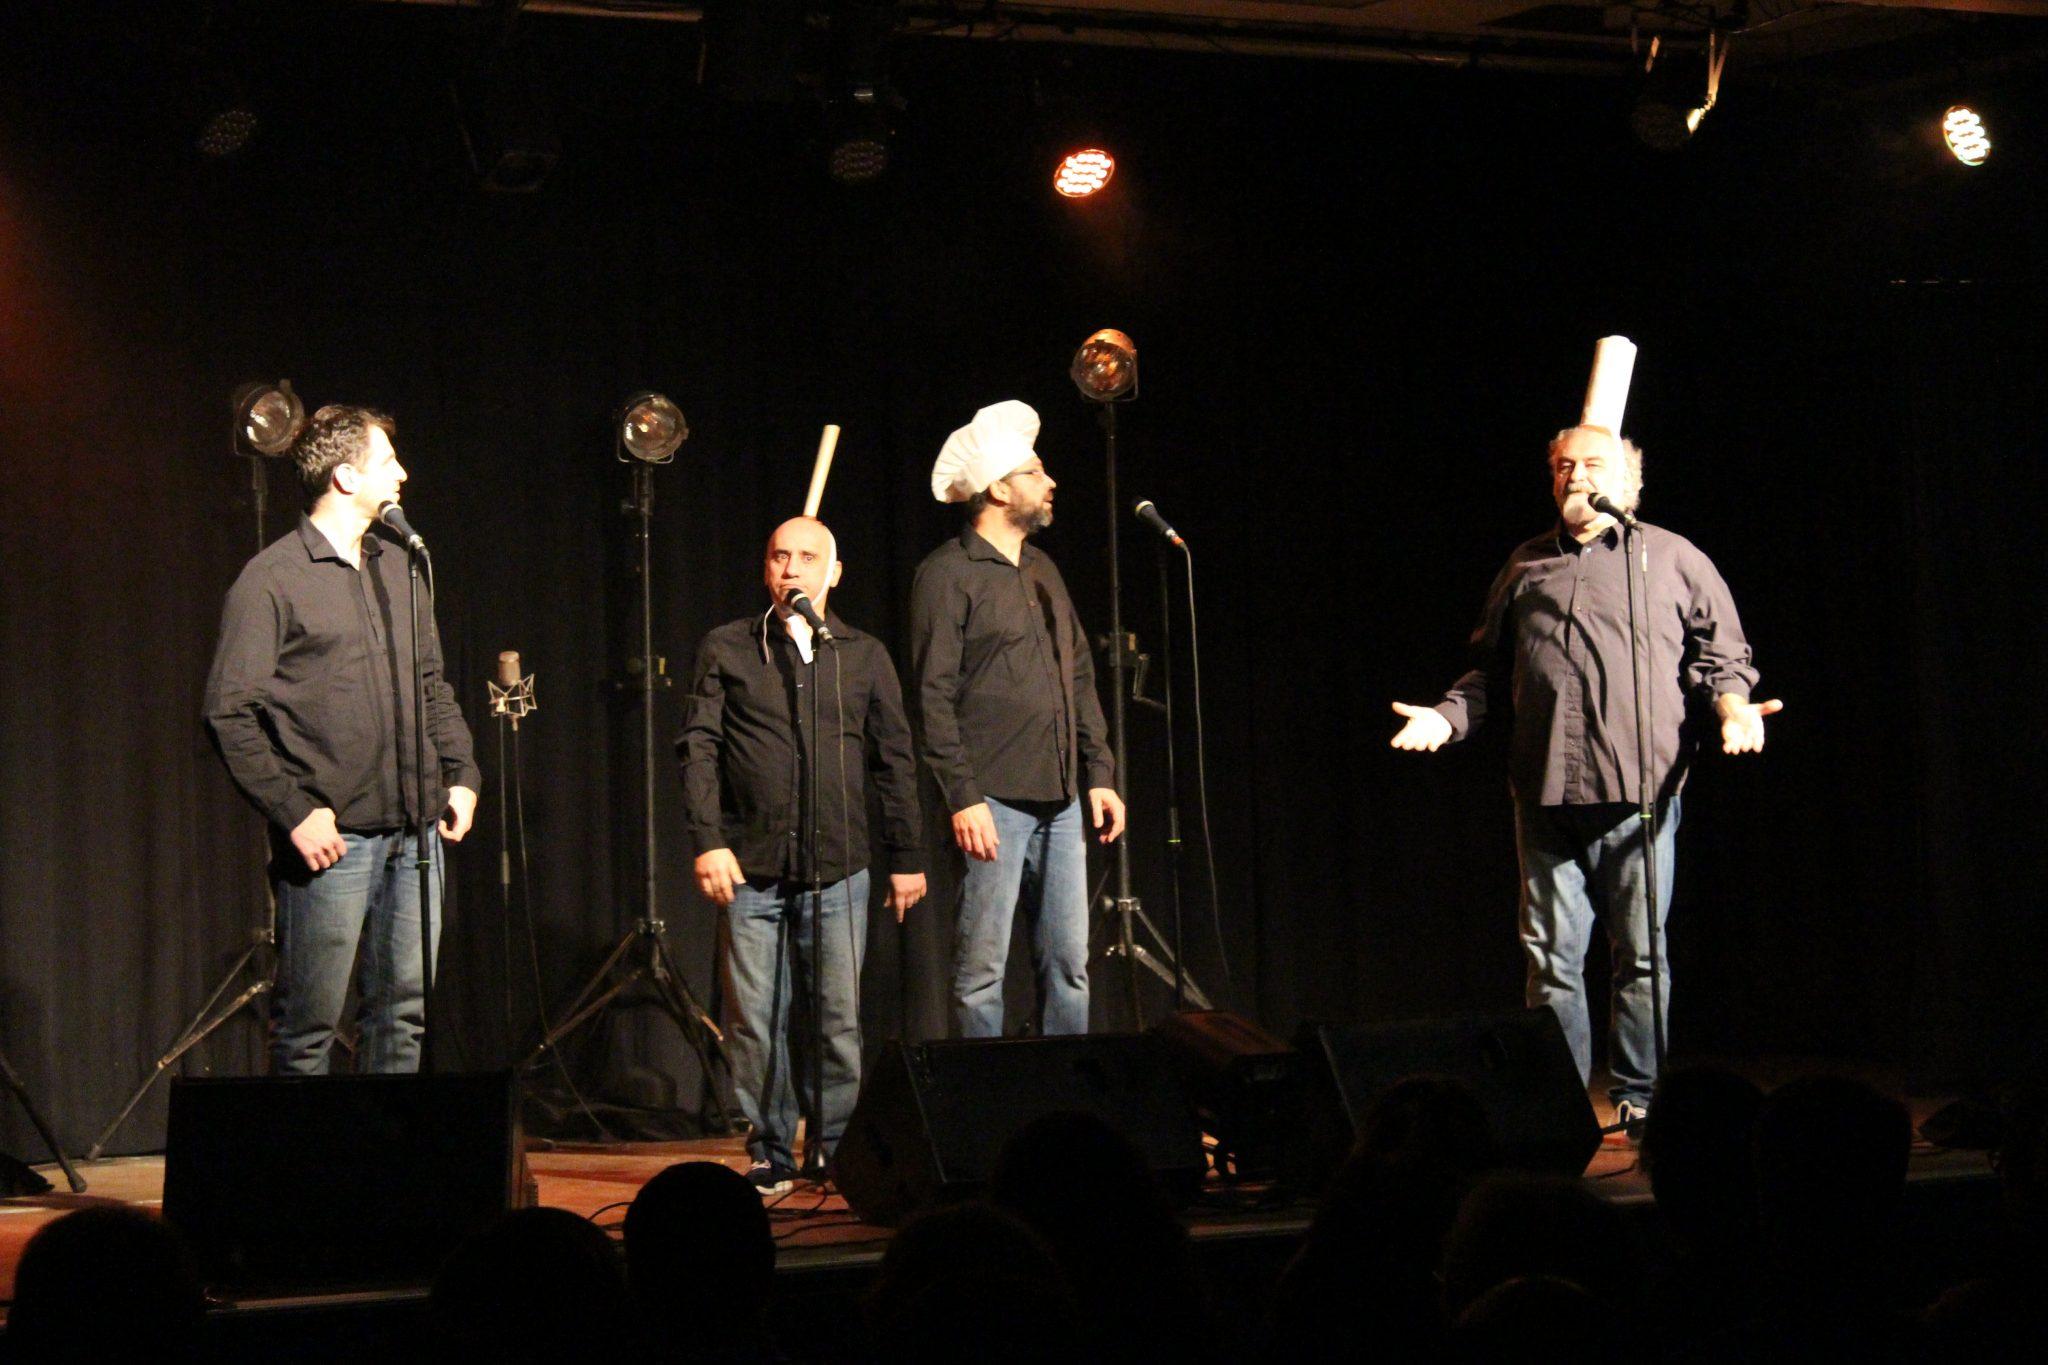 Les Frères Brothers dans le cadre du Festival Détours de Chants à Launaguet